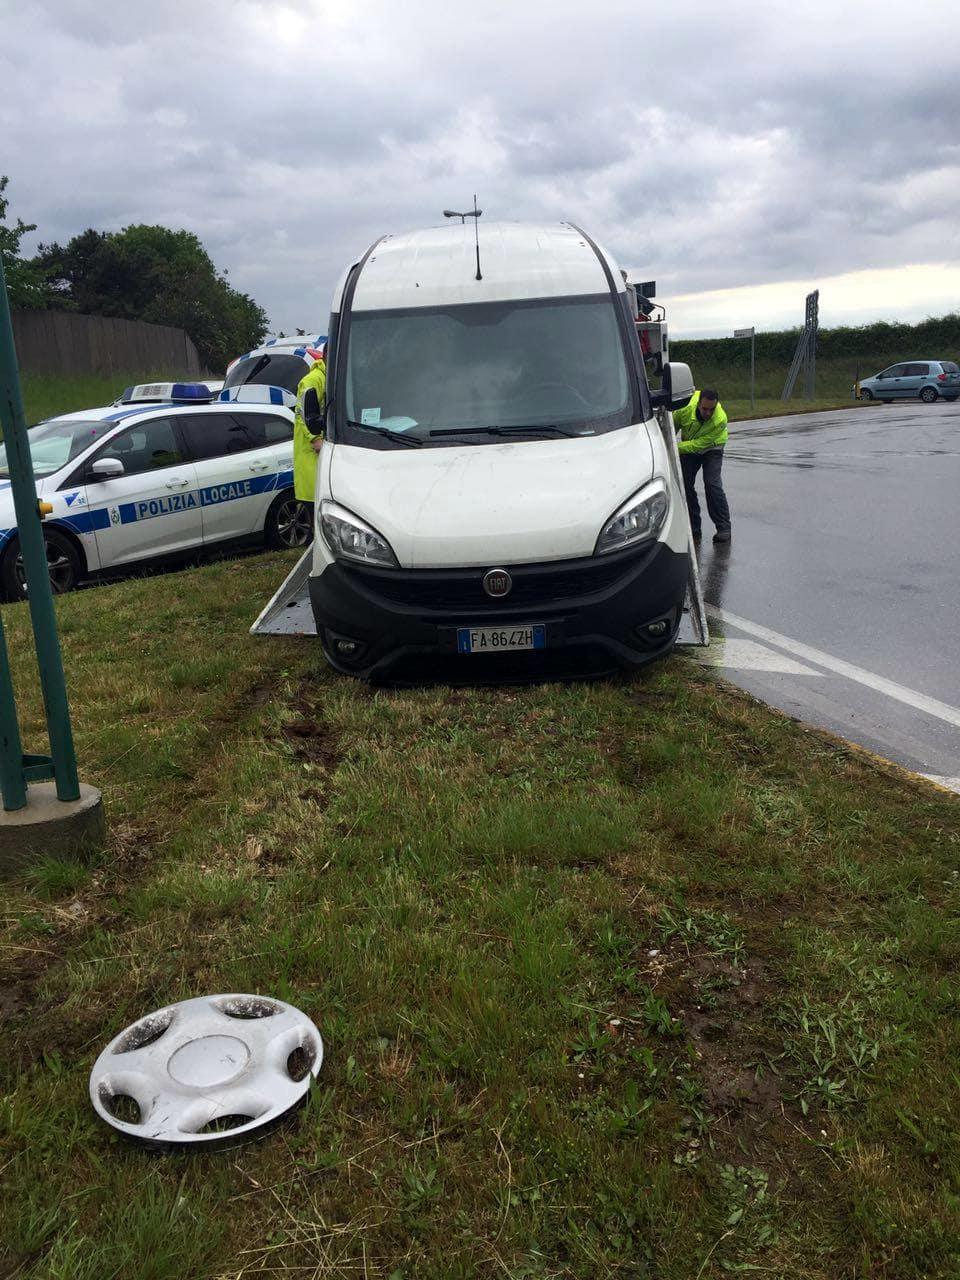 Nuovo incidente alla rotonda di via Lumignacco-2